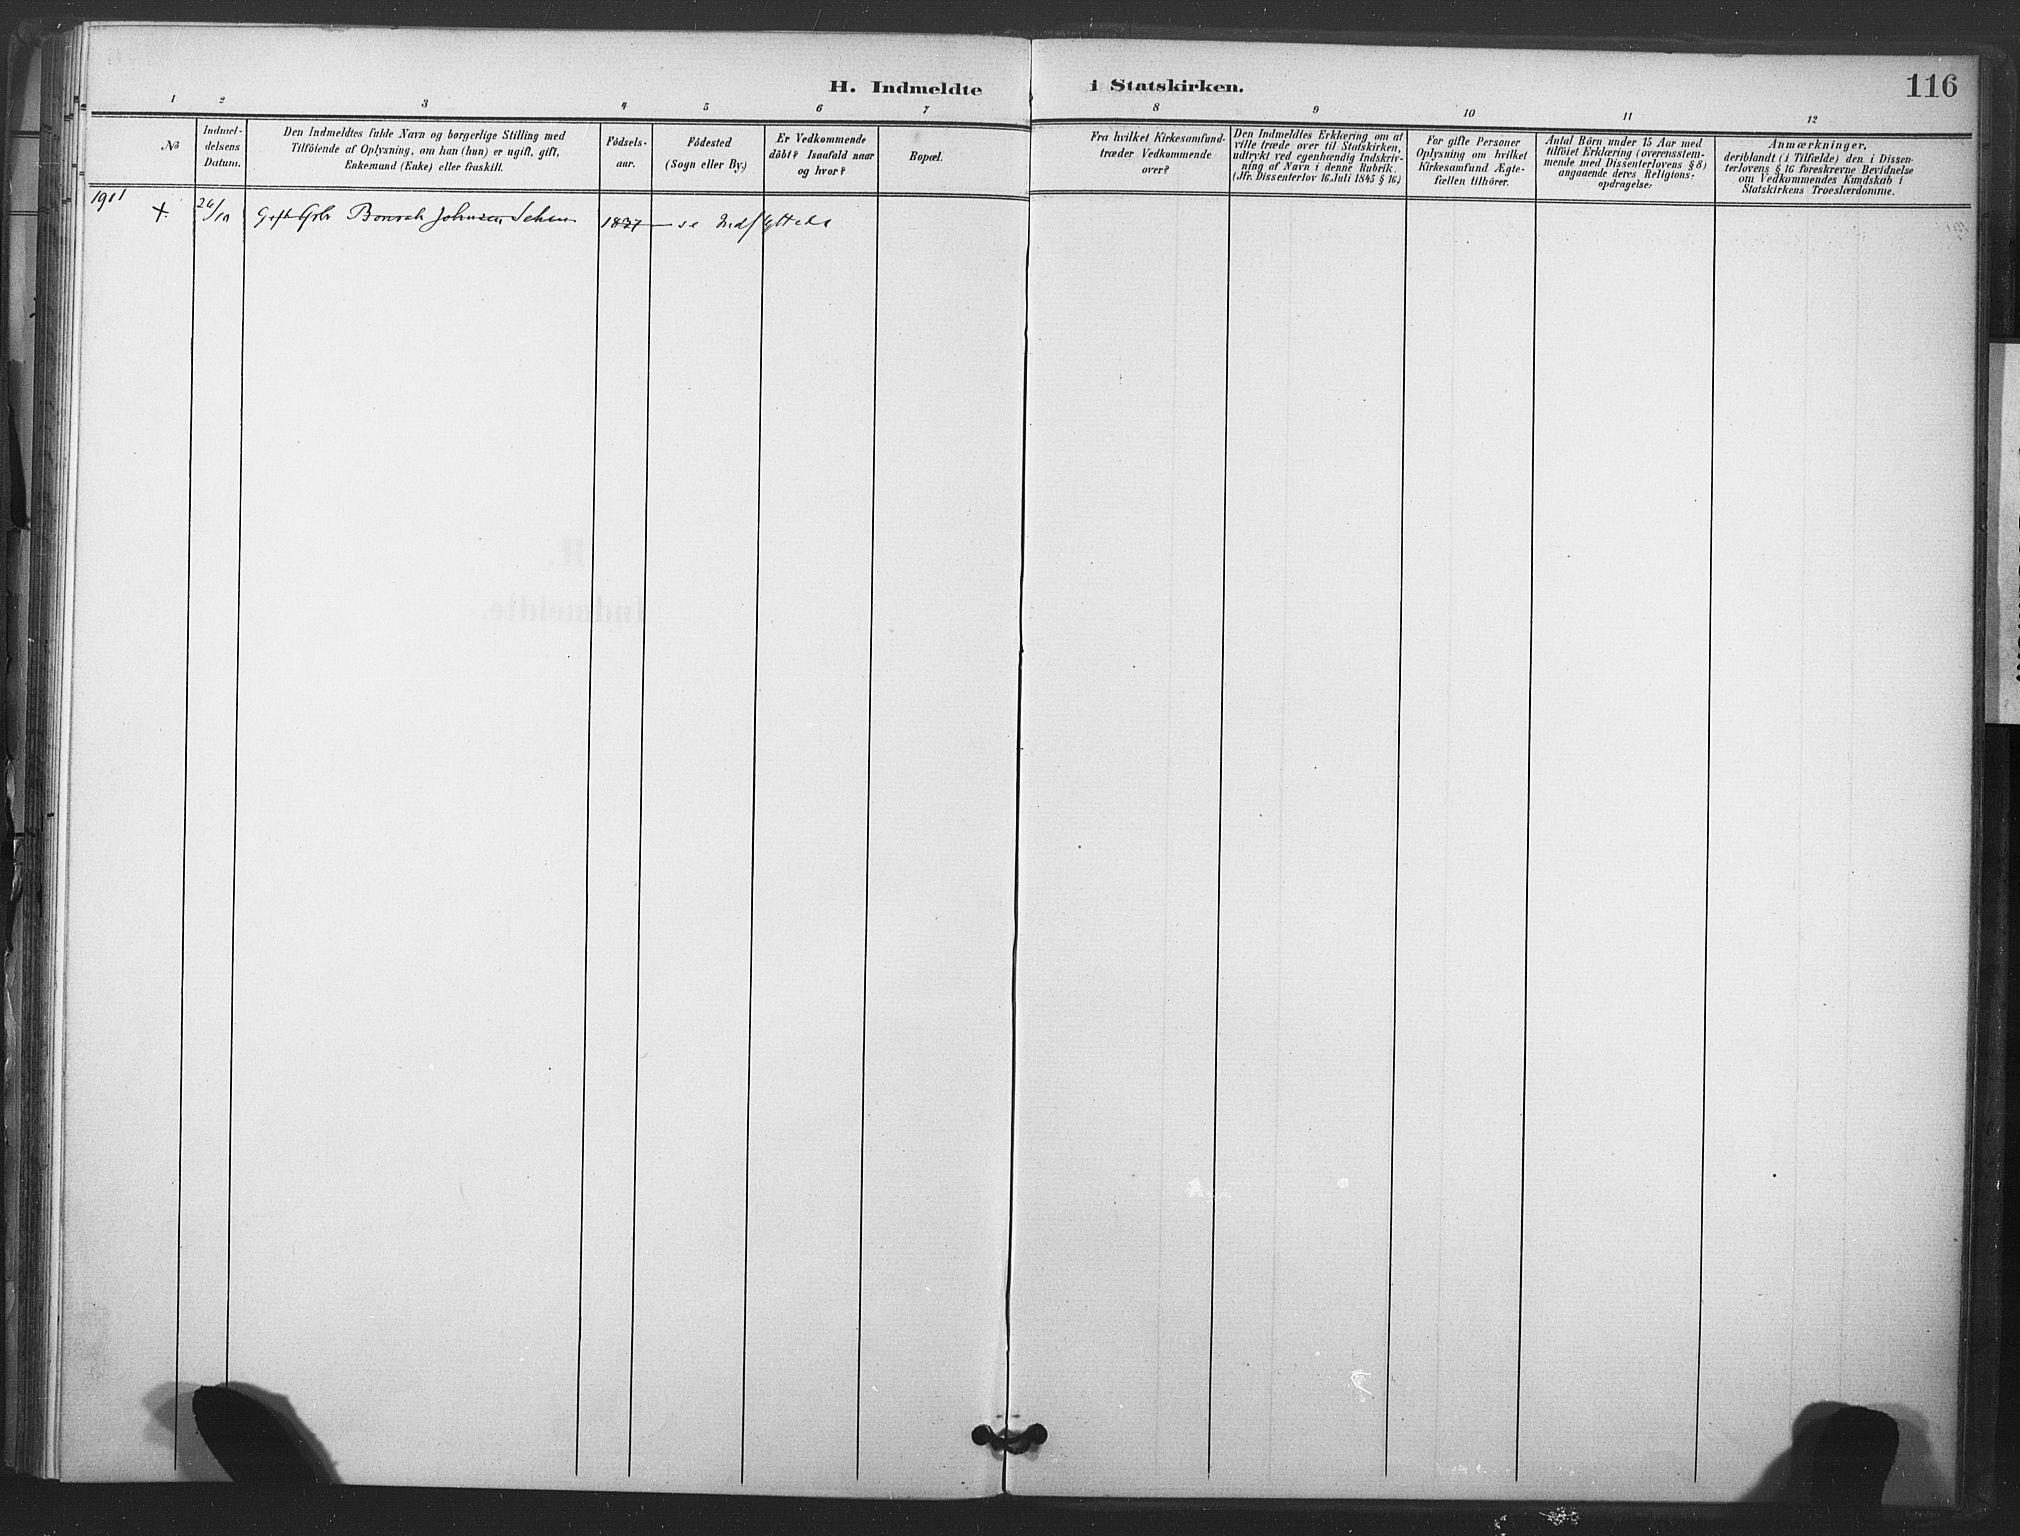 SAT, Ministerialprotokoller, klokkerbøker og fødselsregistre - Nord-Trøndelag, 719/L0179: Ministerialbok nr. 719A02, 1901-1923, s. 116